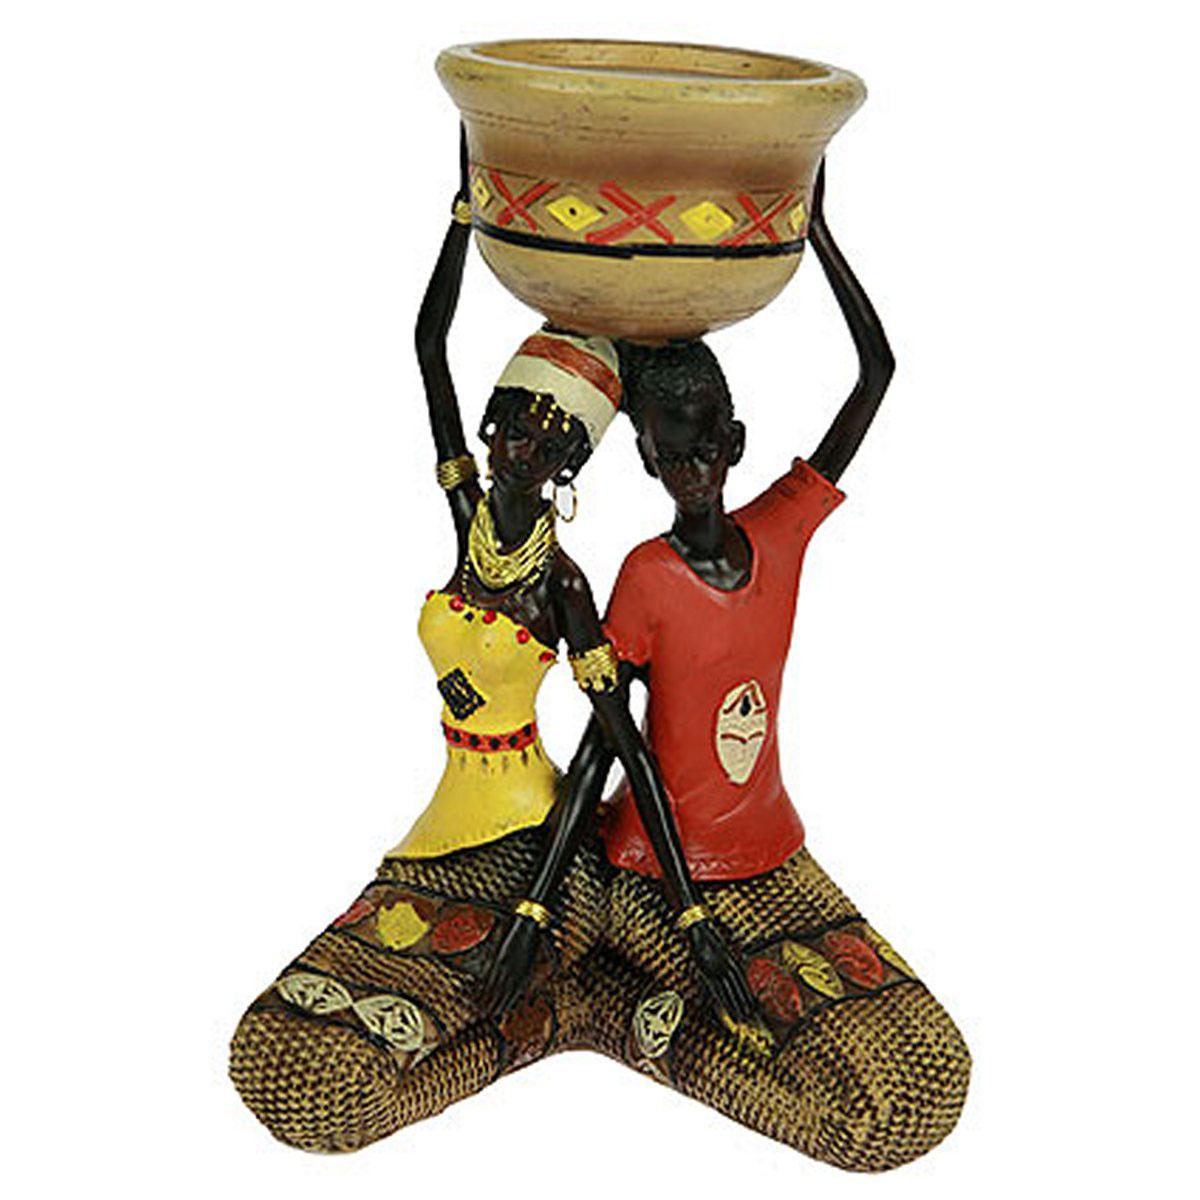 Статуэтка Русские Подарки Африканка, 16 х 12 х 23 см. 26137ES-412Статуэтка Русские Подарки Африканка, изготовленная из полистоуна, имеет изысканный внешний вид. Изделие станет прекрасным украшением интерьера гостиной, офиса или дома. Вы можете поставить статуэтку в любое место, где она будет удачно смотреться и радовать глаз. Правила ухода: регулярно вытирать пыль сухой, мягкой тканью.